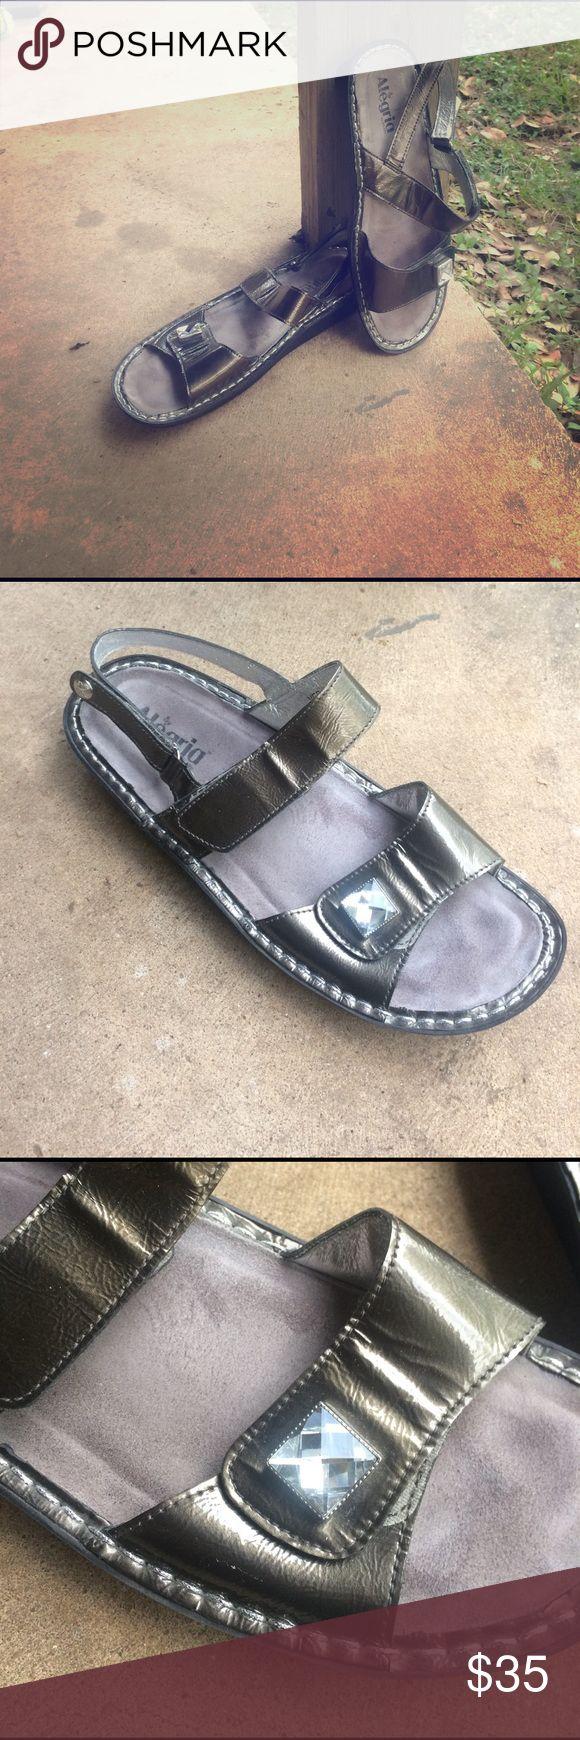 Alegria sandals Slightly worn, Size 41, metallic color Alegria sandals Alegria Shoes Sandals